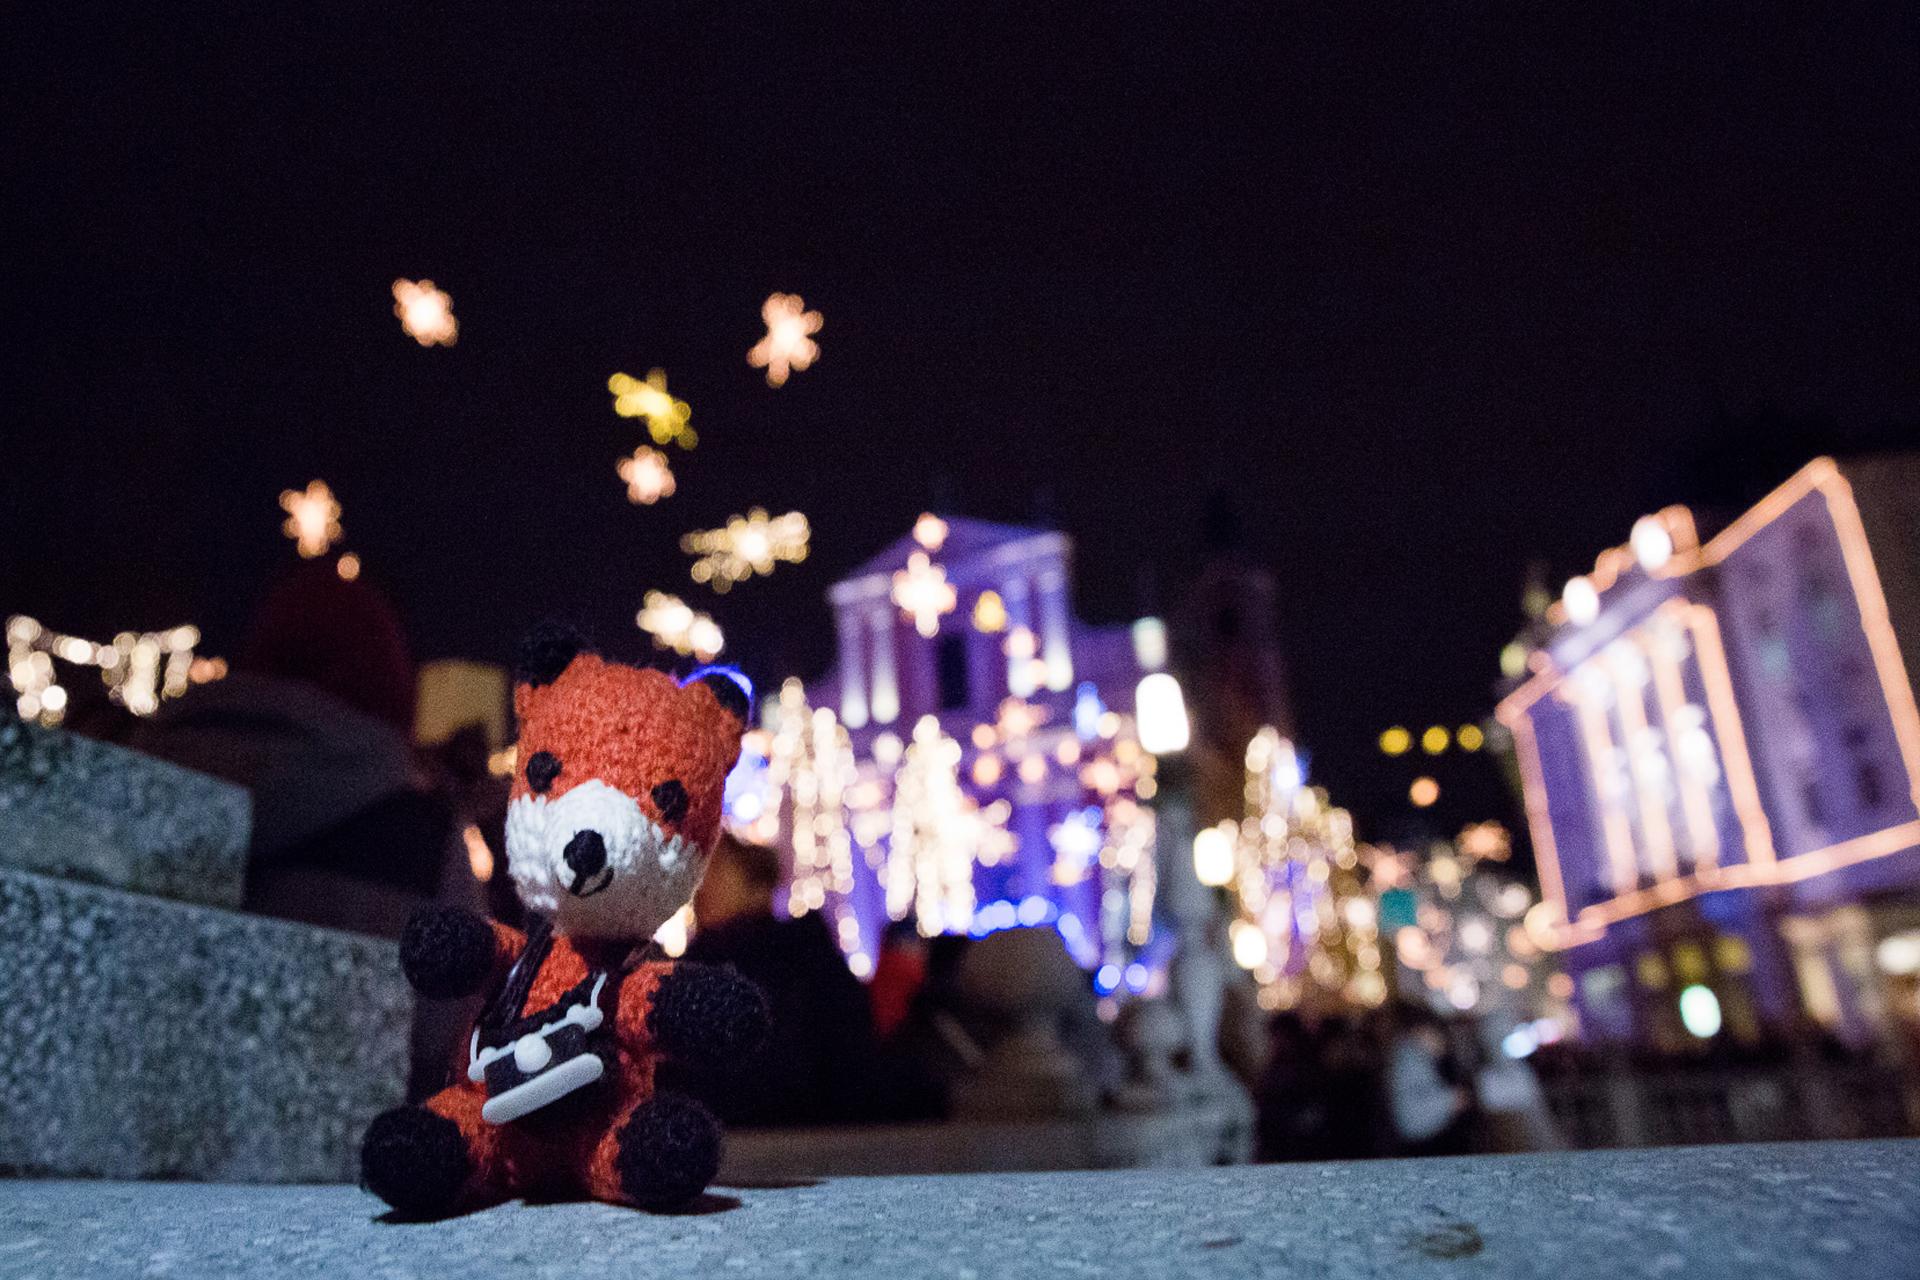 Finn vor weihnachtlichem Bokeh-Hintergrund. Beim Fotografieren im Winter kannst du die Lichter auf Weihnachtsmärkten zu deinem Vorteil nutzen.